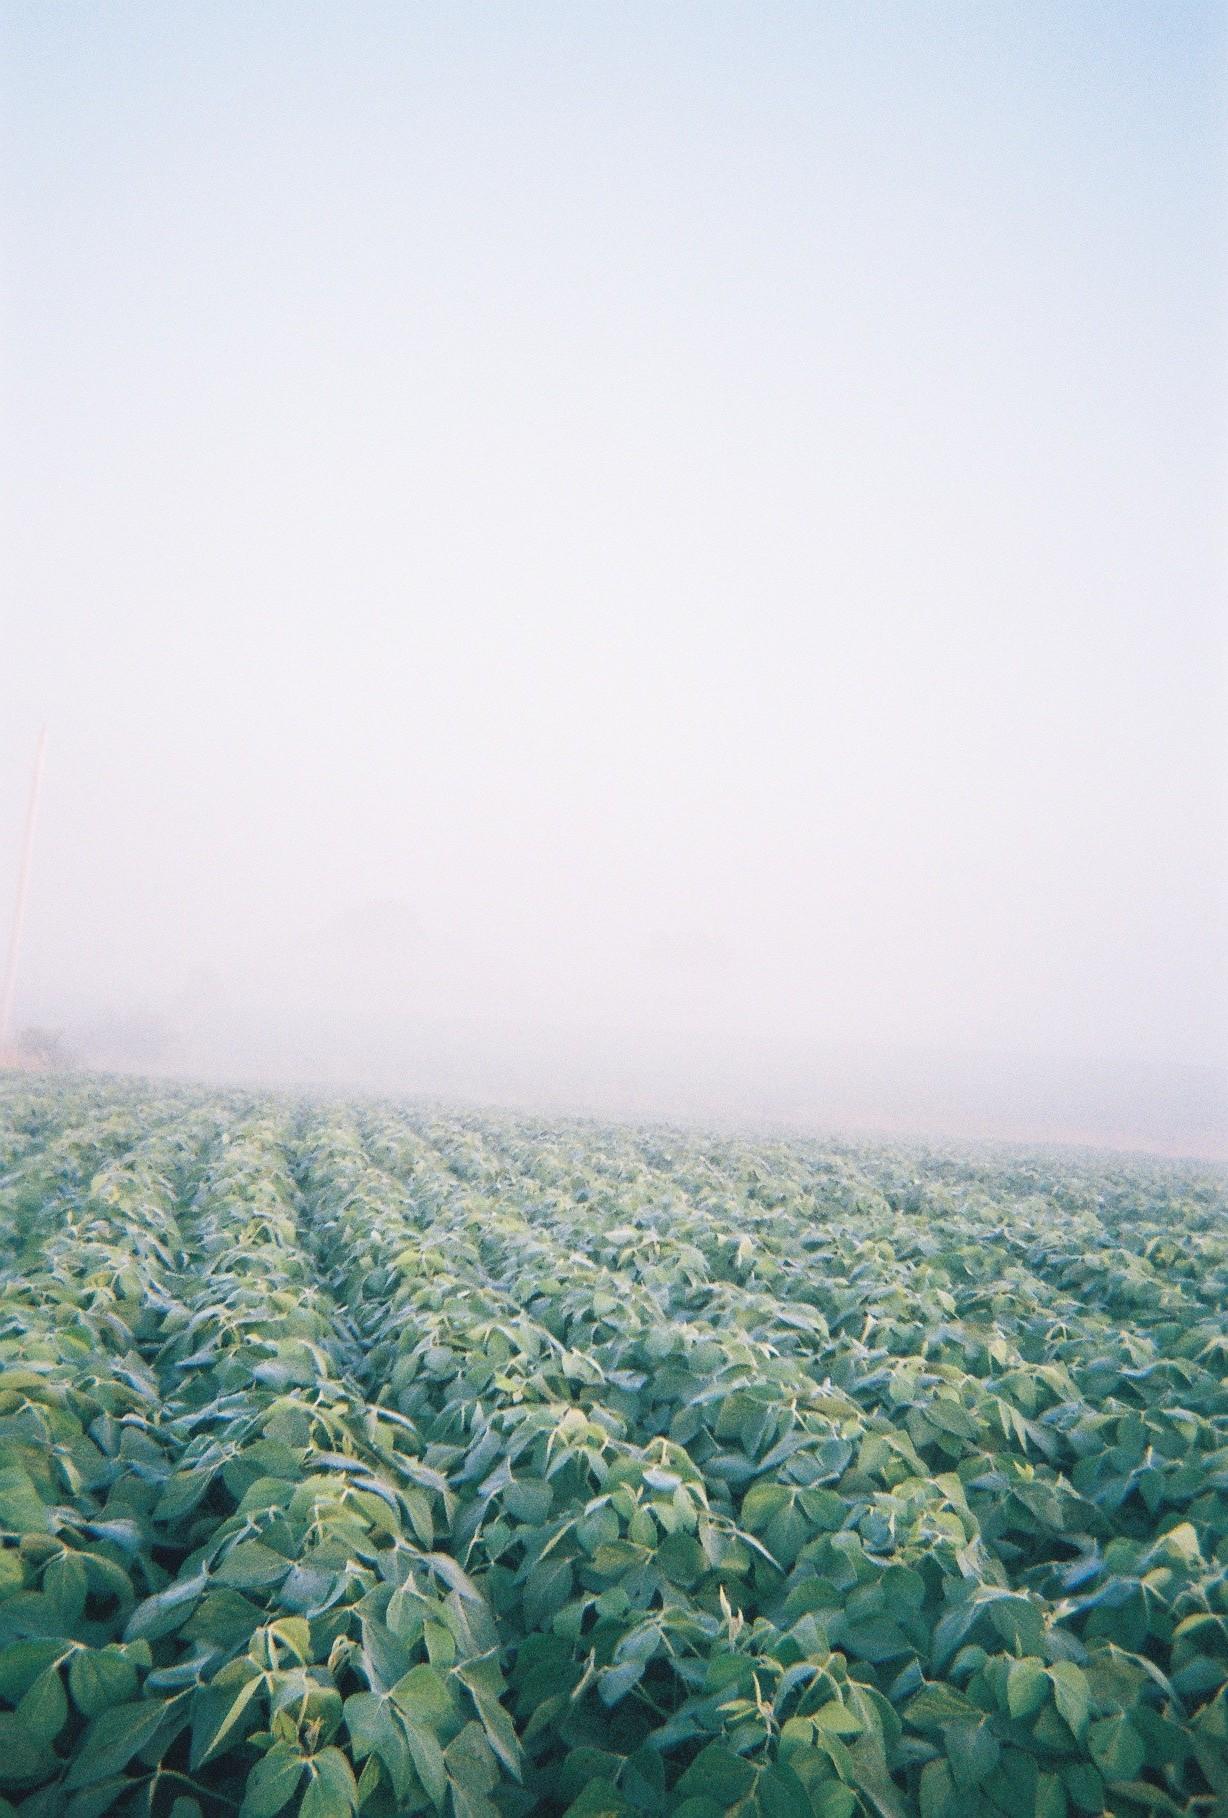 Soybean field at dawn